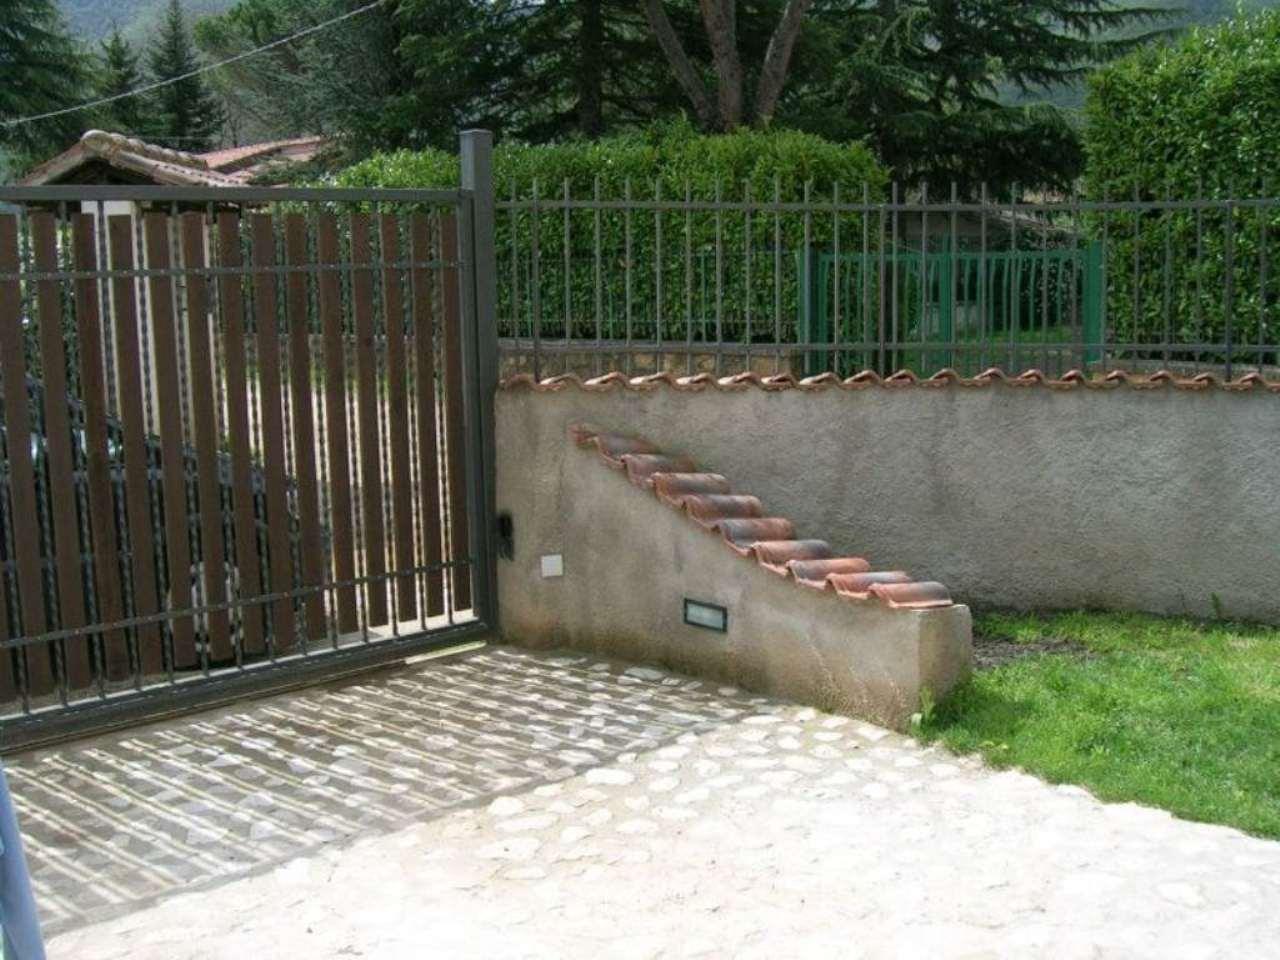 Rocca di Botte Vendita VILLA A SCHIERA Immagine 1